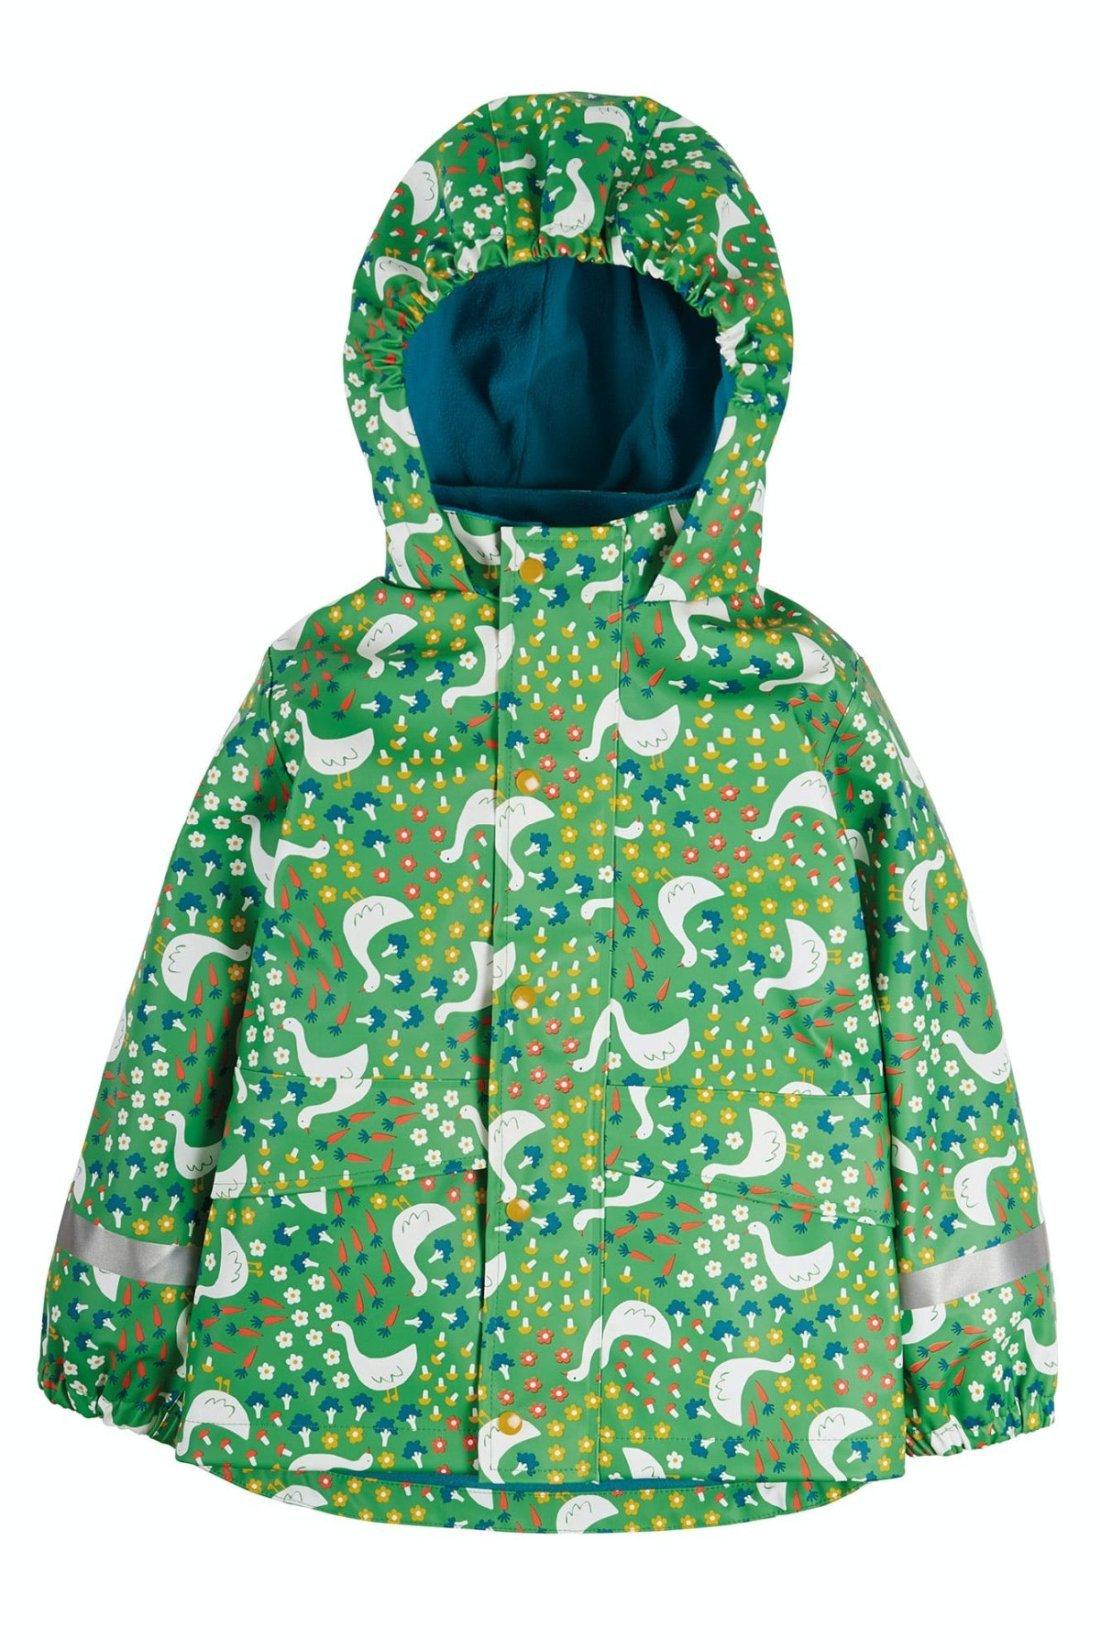 Geacă impermeabilă de ploaie căptușită cu fleece Springtime Geese Puddle Buster Frugi